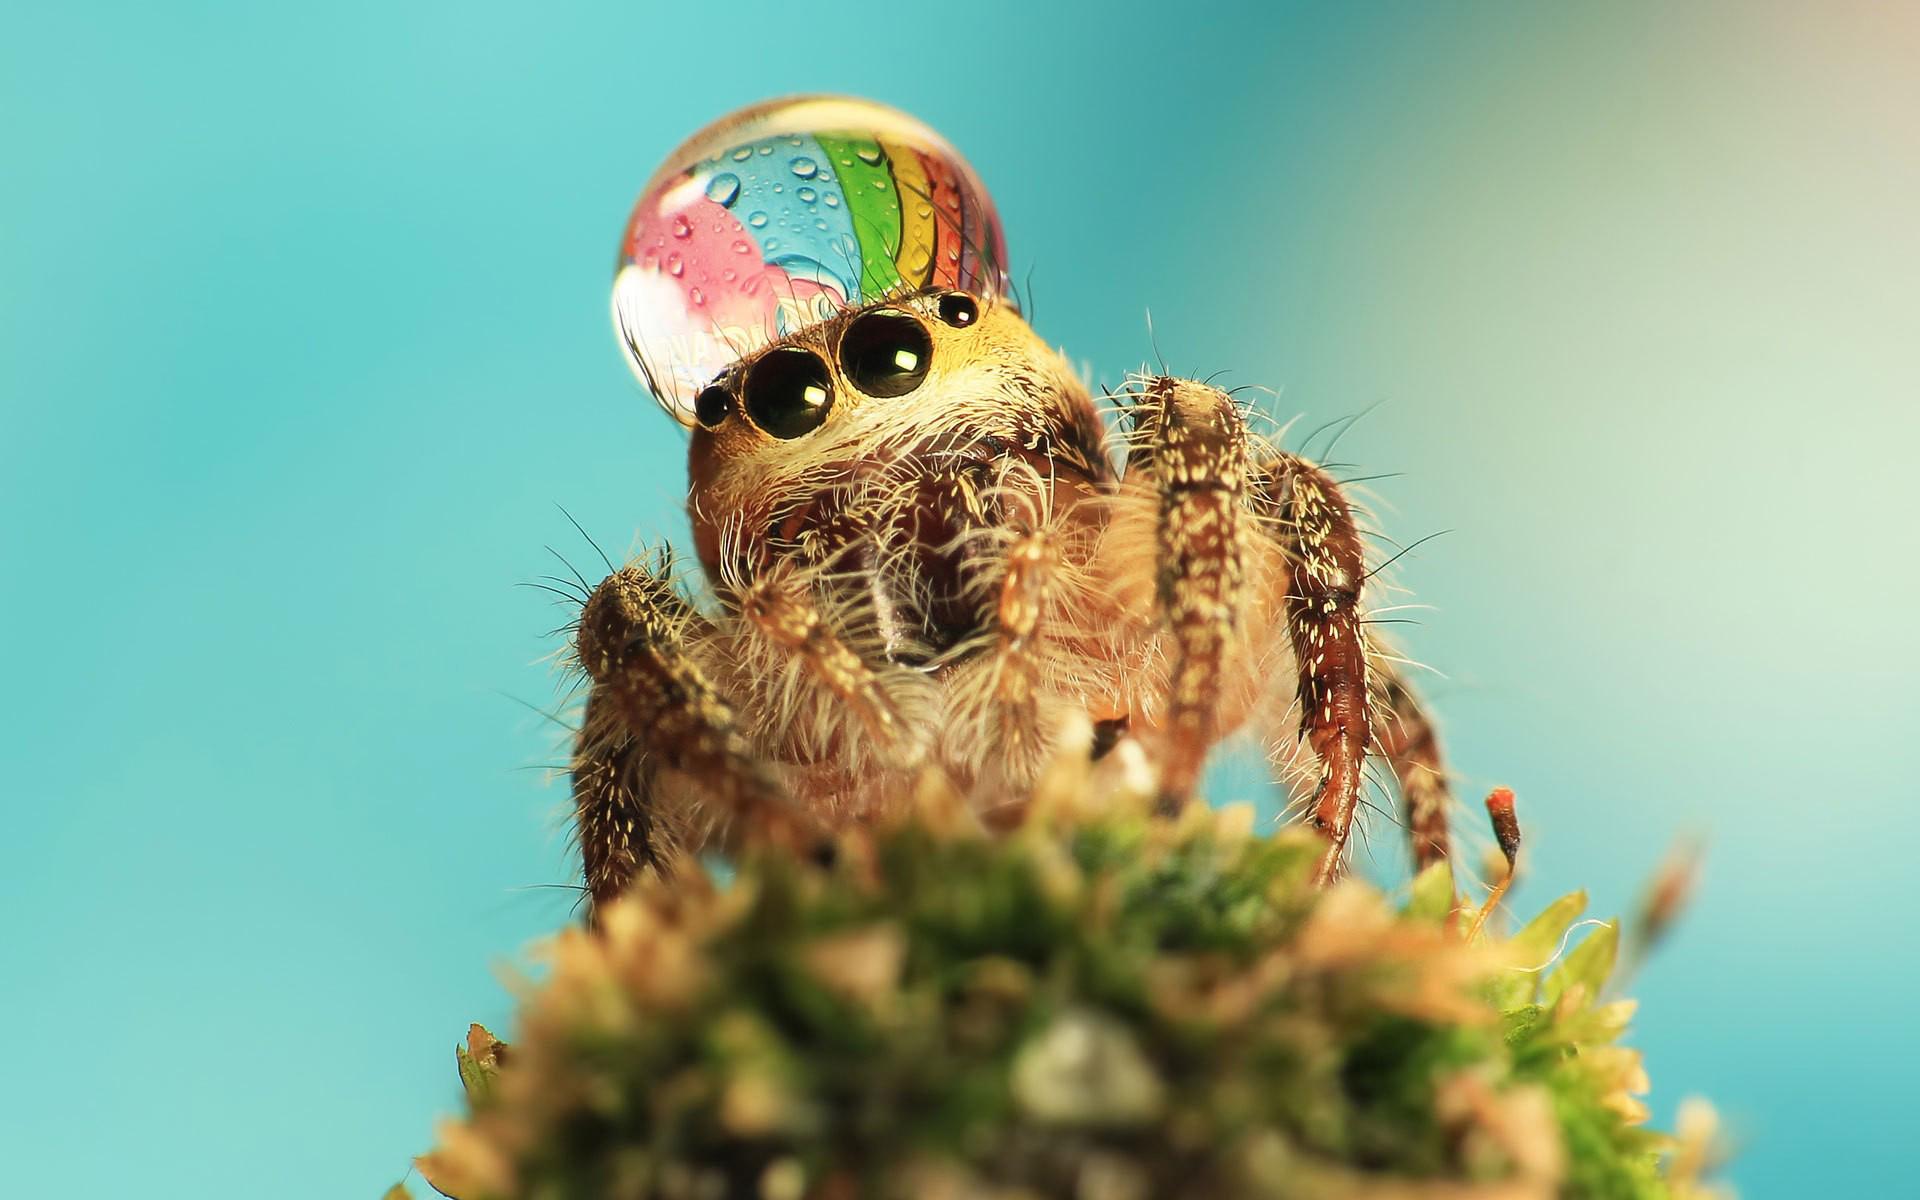 паук, глаза, капля